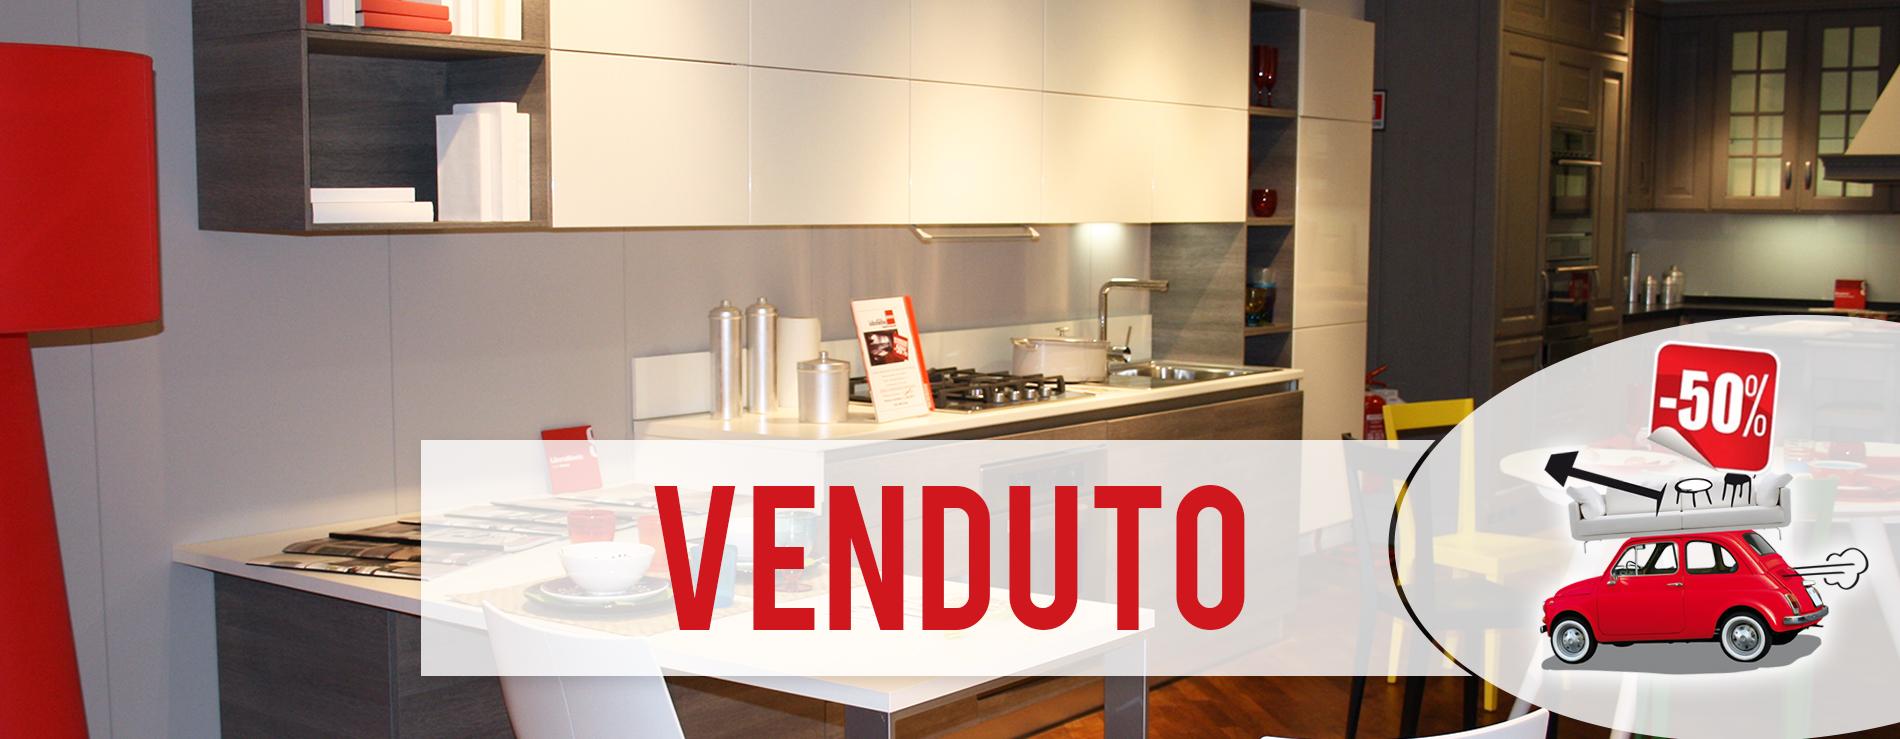 Outlet - Centro Mobili - Cucine Scavolini in promozione